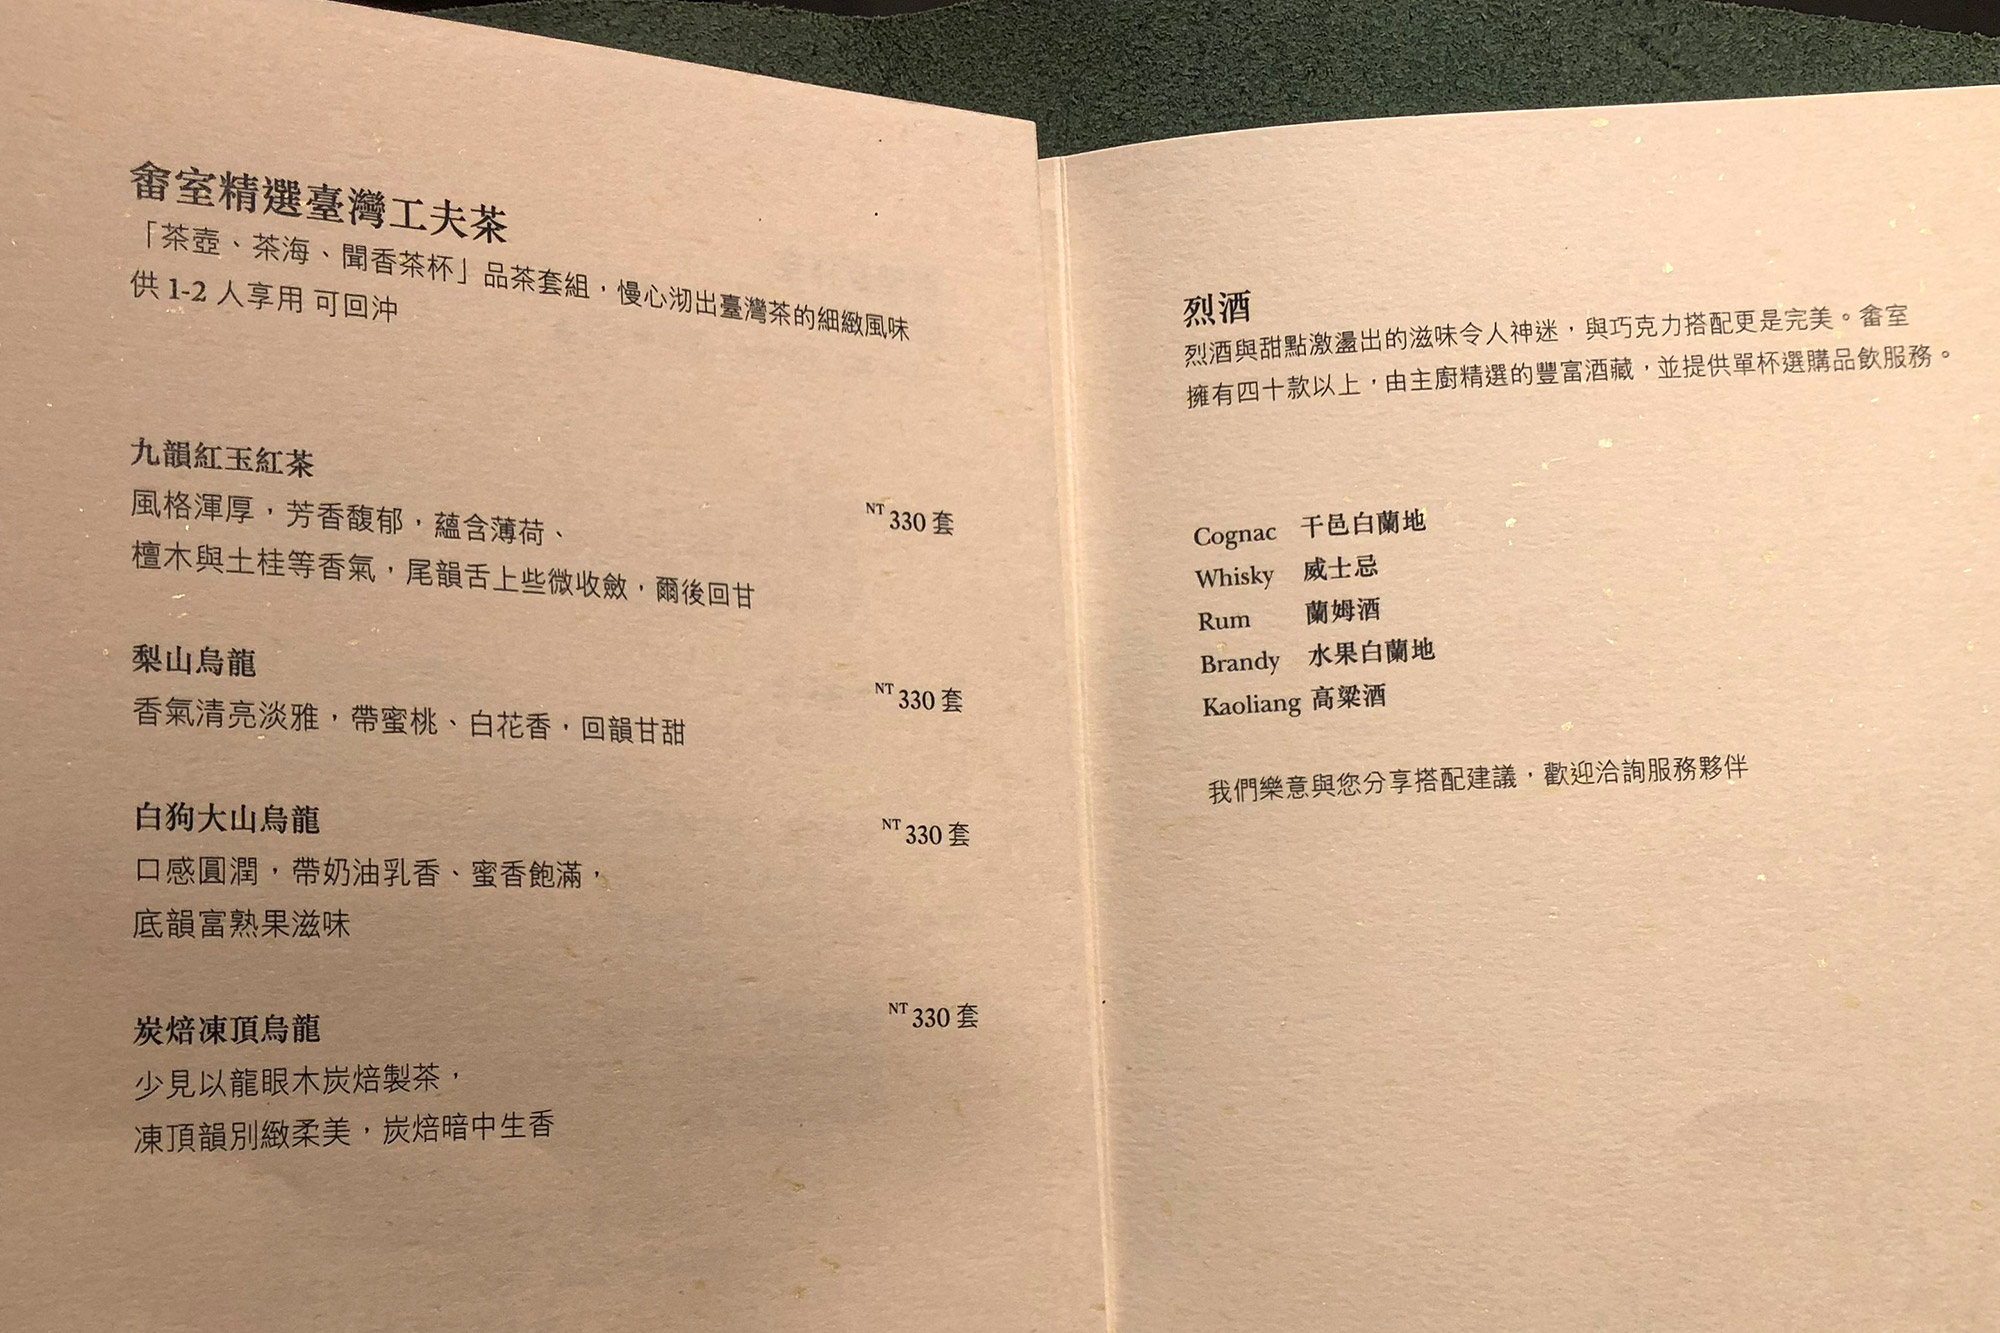 畬室法式巧克力_menu3茶飲